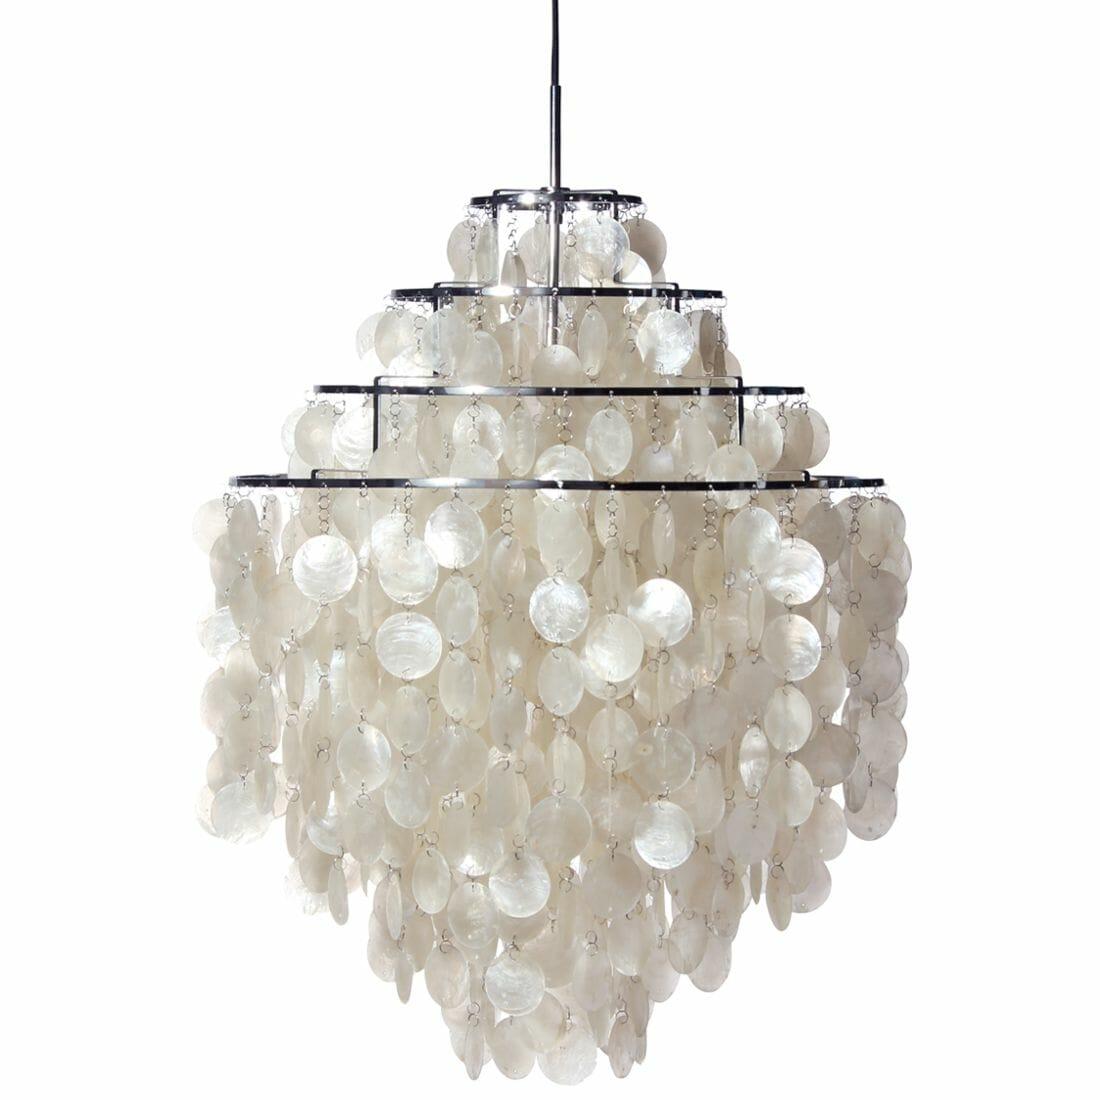 Verpan Fun 0dm Pendant Light Seashell Lamp Verner Panton